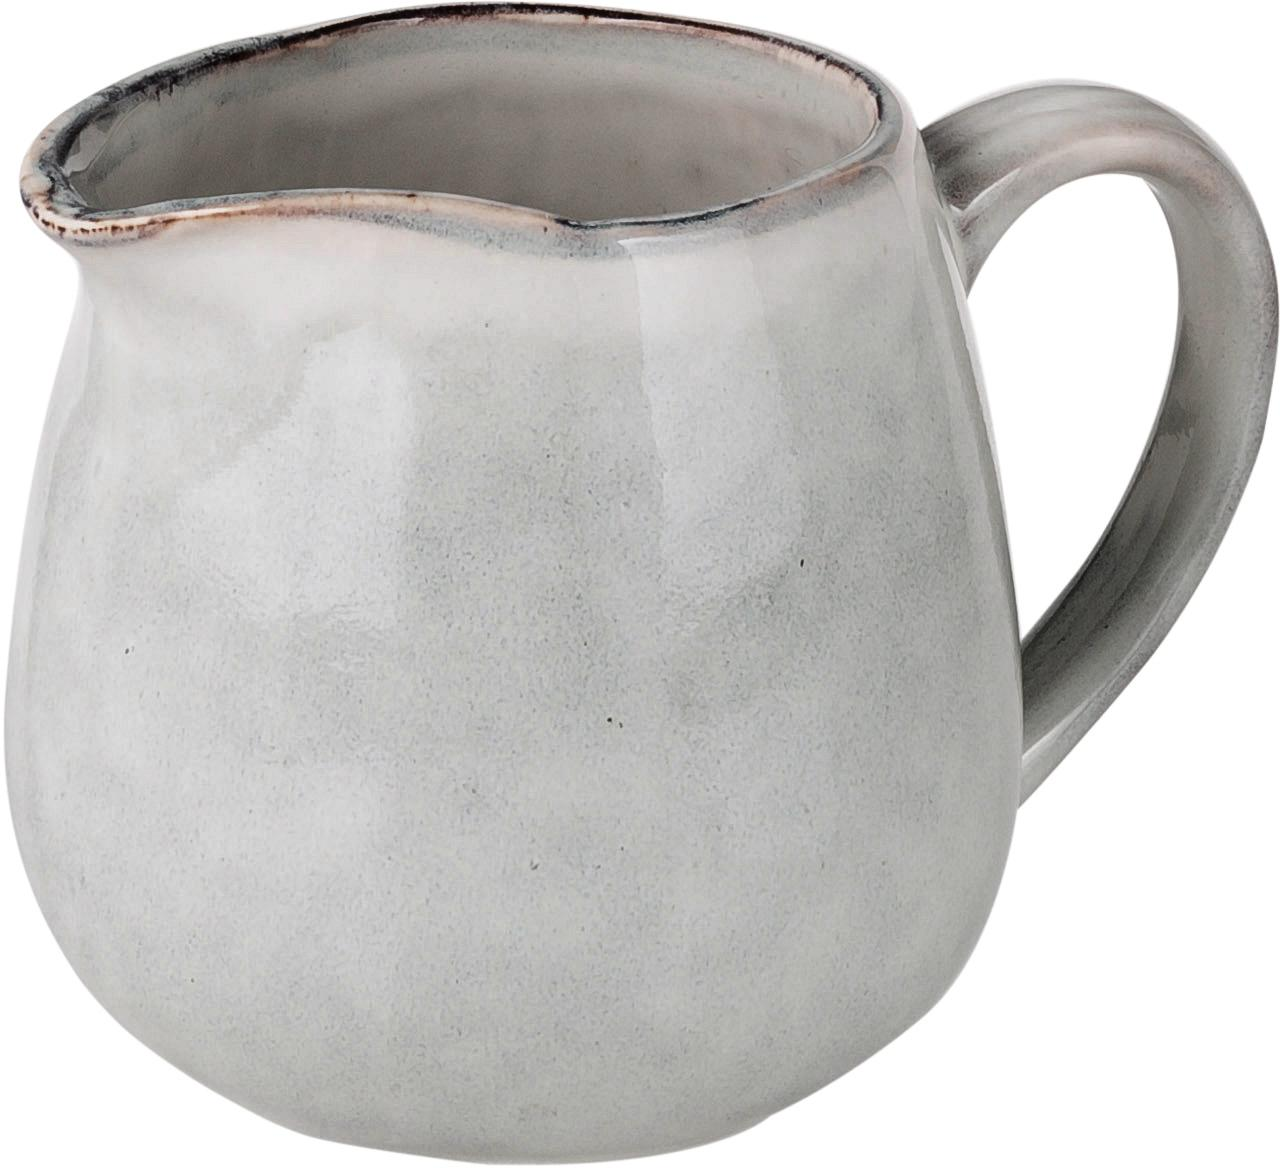 Handgemachtes Milchkännchen Nordic Sand aus Steingut, Steingut, Sand, Ø 12 x H 9 cm